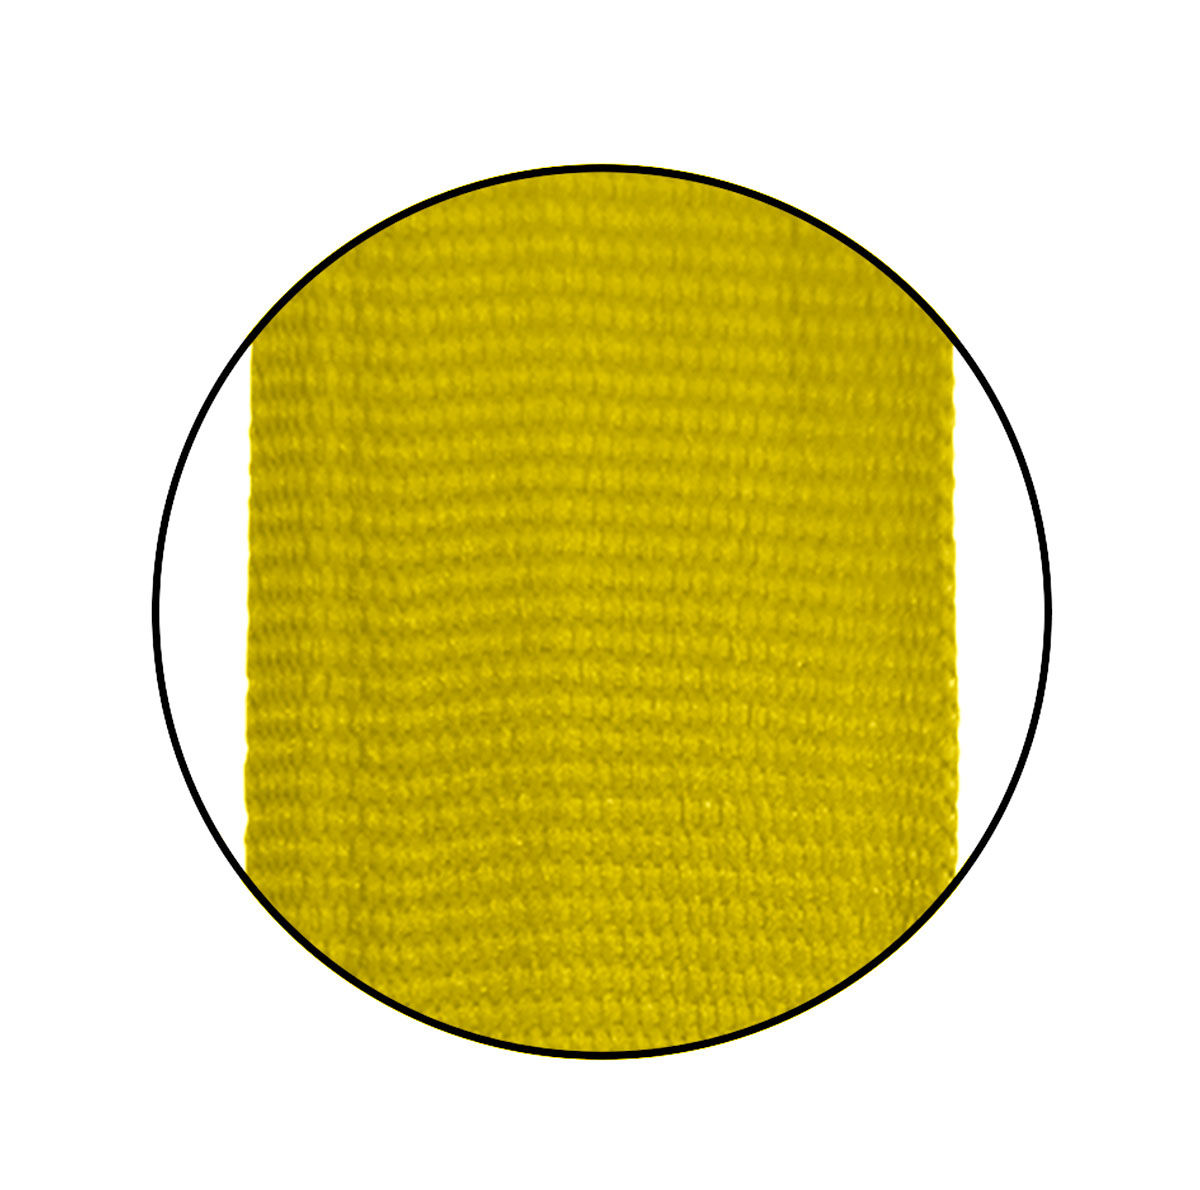 Alça Gorgurão (Tela) 20mm x 45 cm - Cortada S/ Acetato (100 unidades)